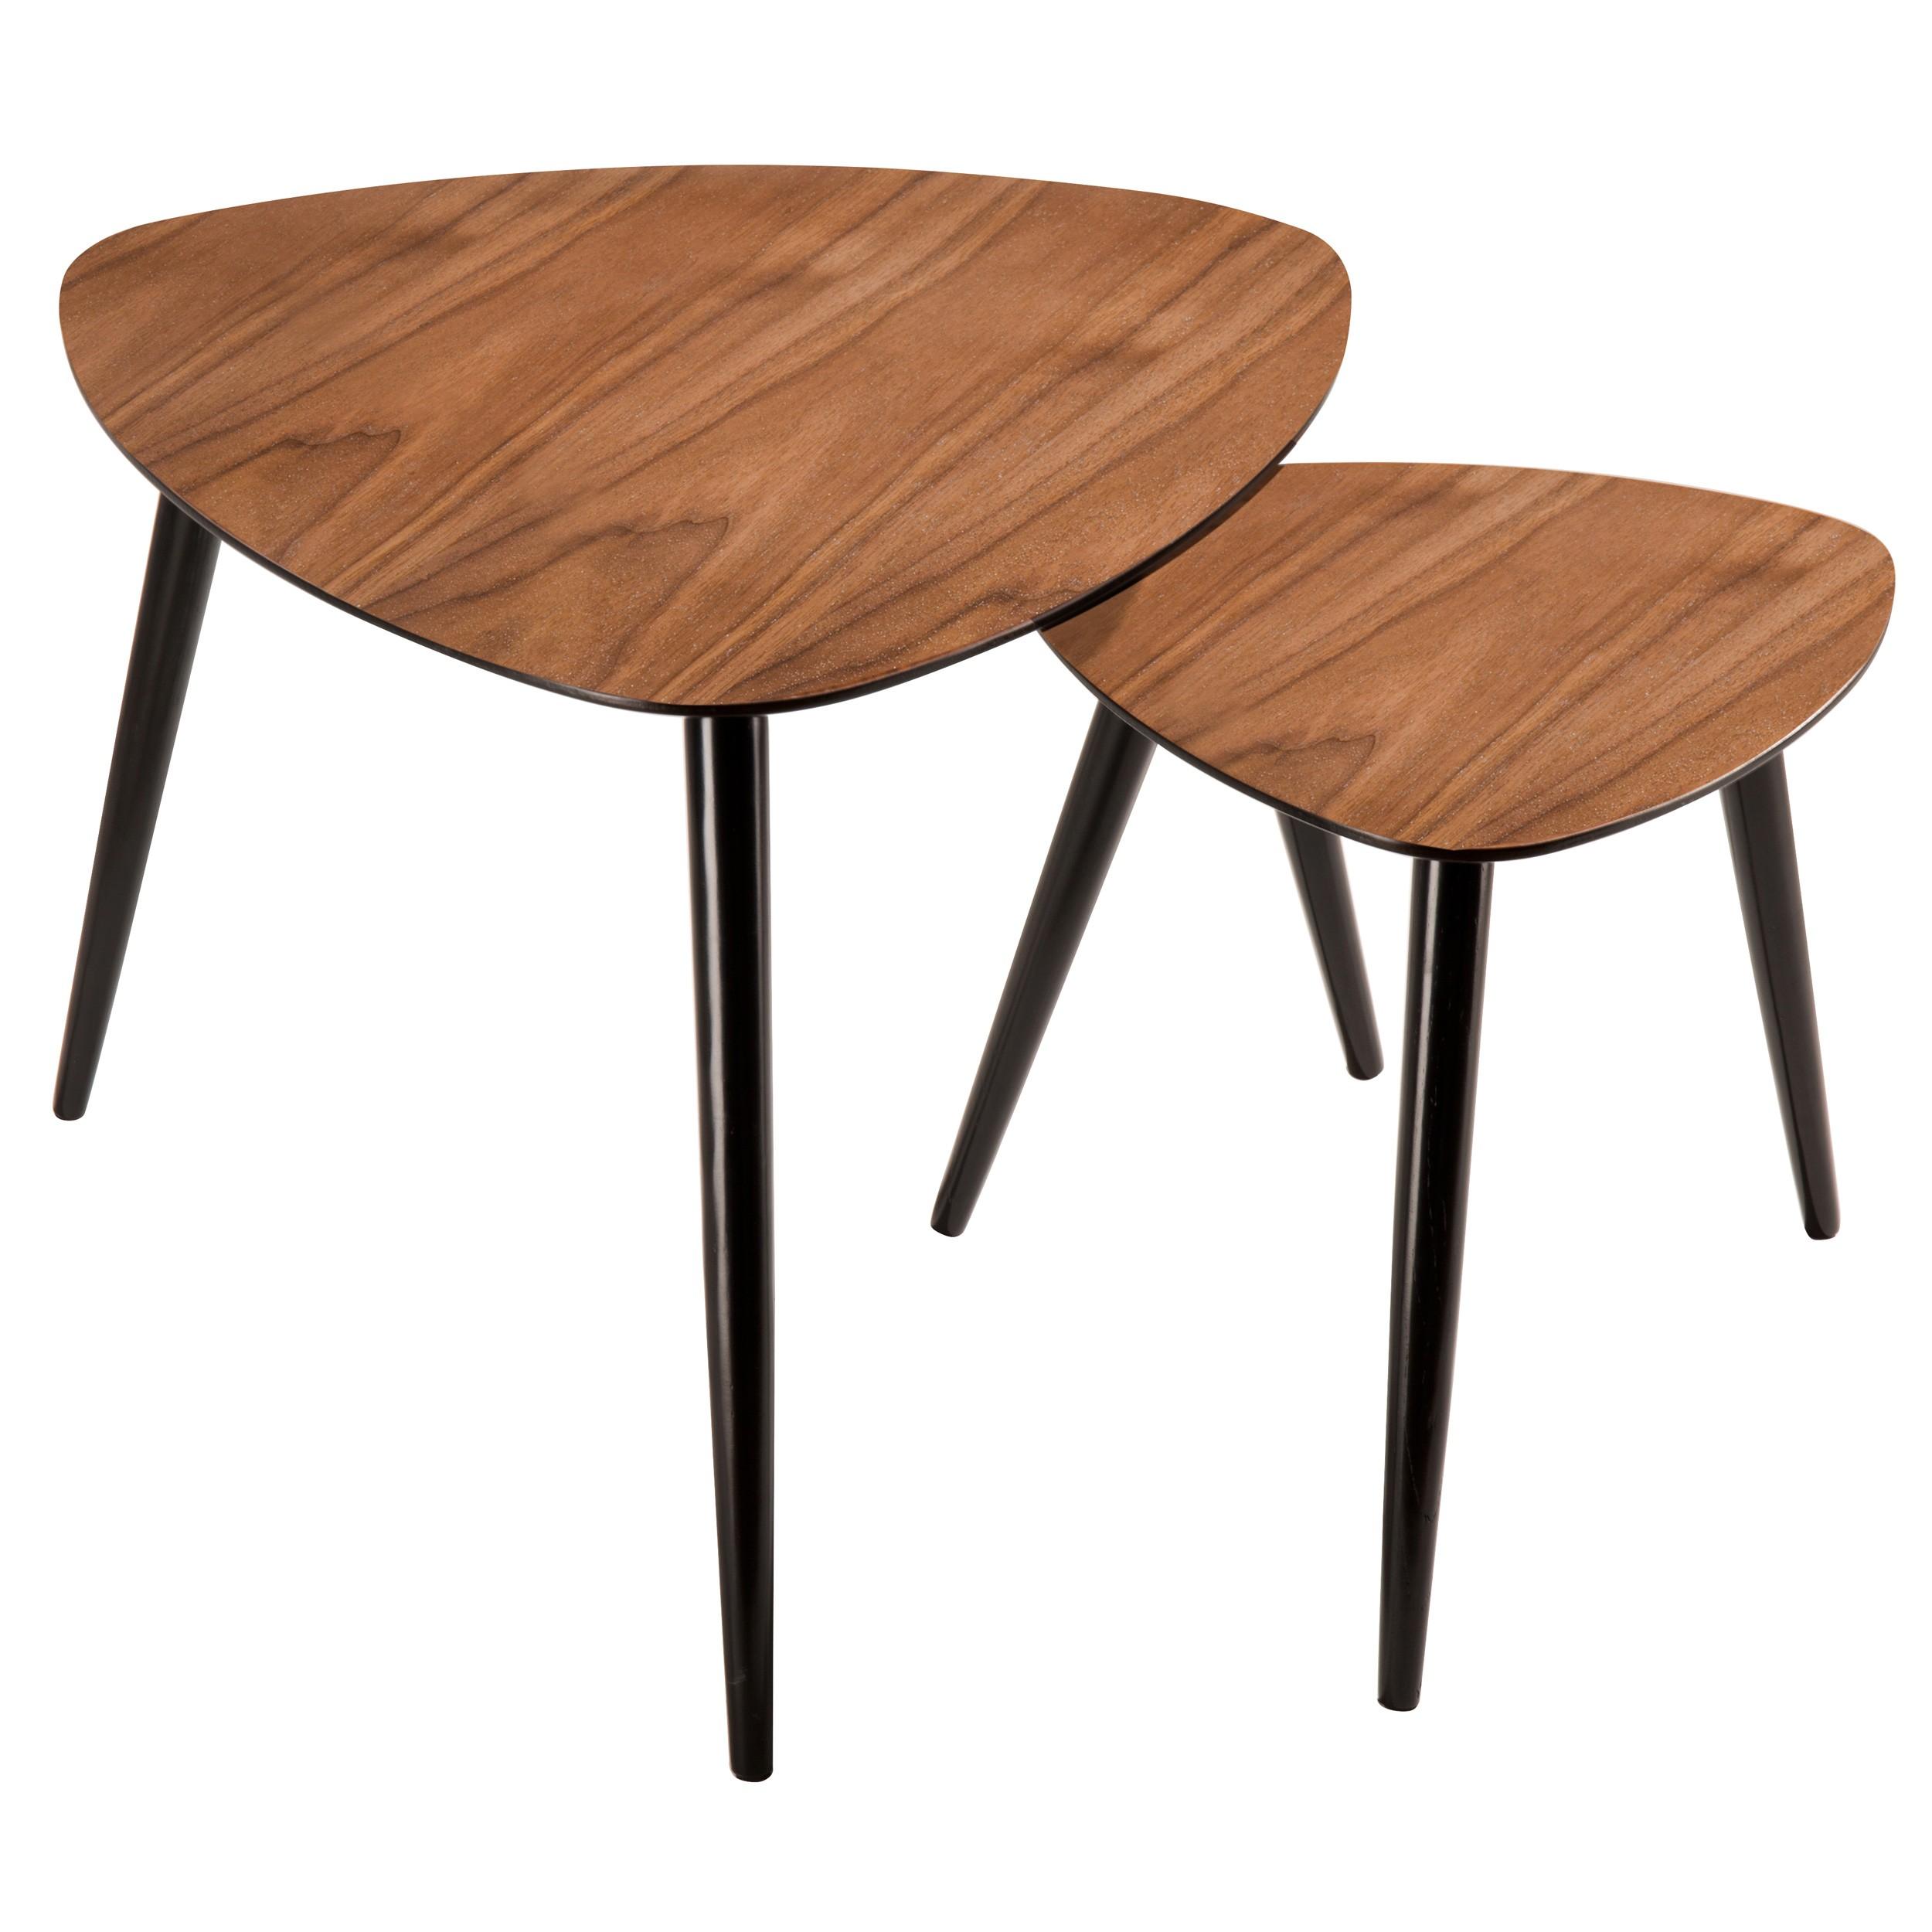 table basse scandinave en bois lot de 2 commandez nos tables basses scandinaves en bois par. Black Bedroom Furniture Sets. Home Design Ideas